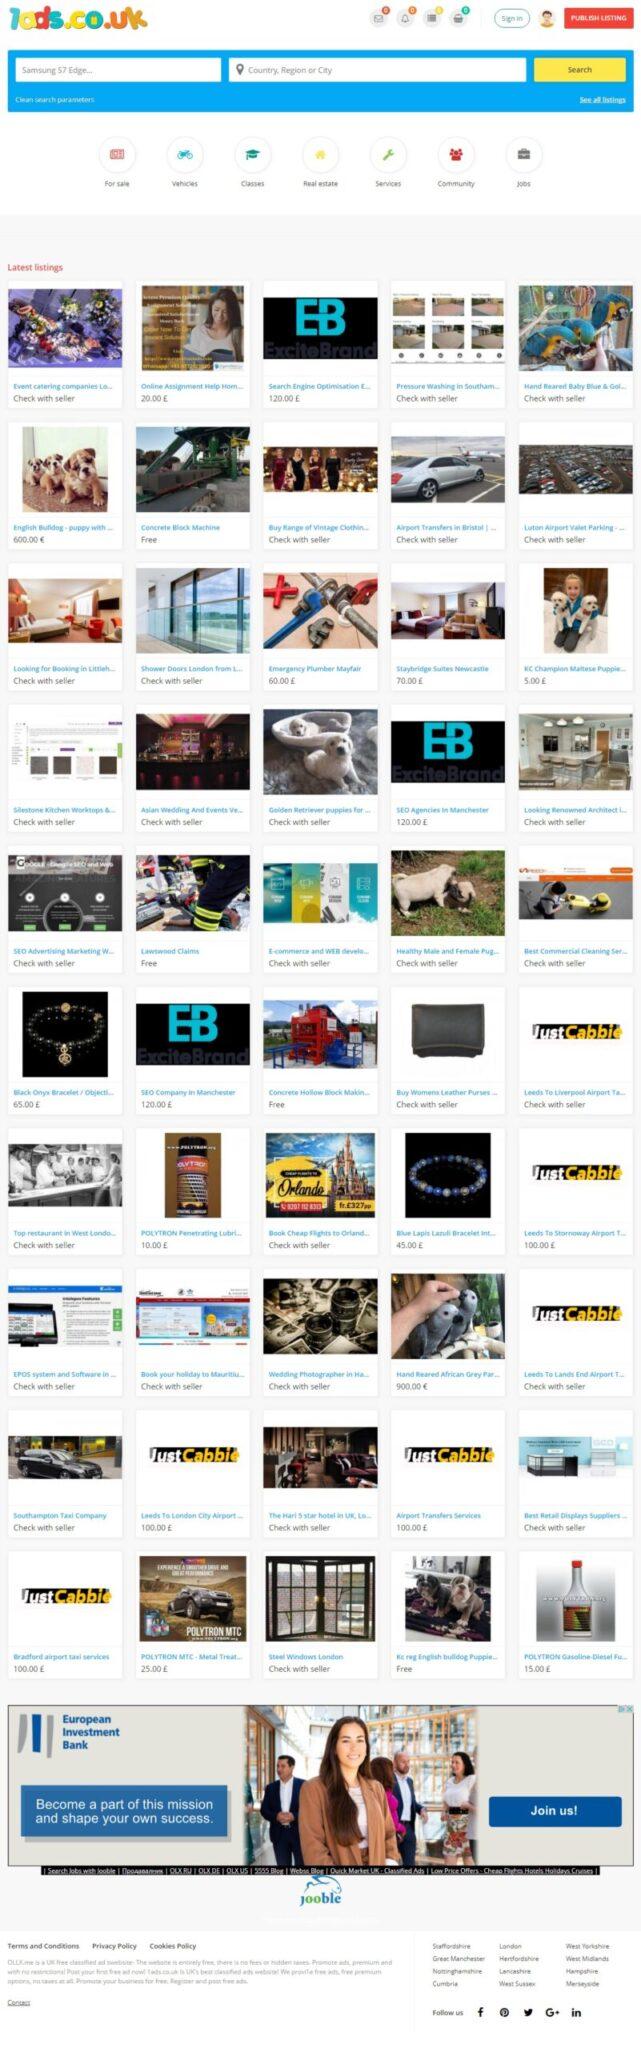 Уебсайт за обяви UK - 1ads.co.uk - изграждане СЕО.БГ SEO, маркетинг, реклама СЕО оптимизация, реклама, изграждане на сайтове, маркетинг, изработка на сайтове, уеб дизайн, SEO, онлайн магазини и други